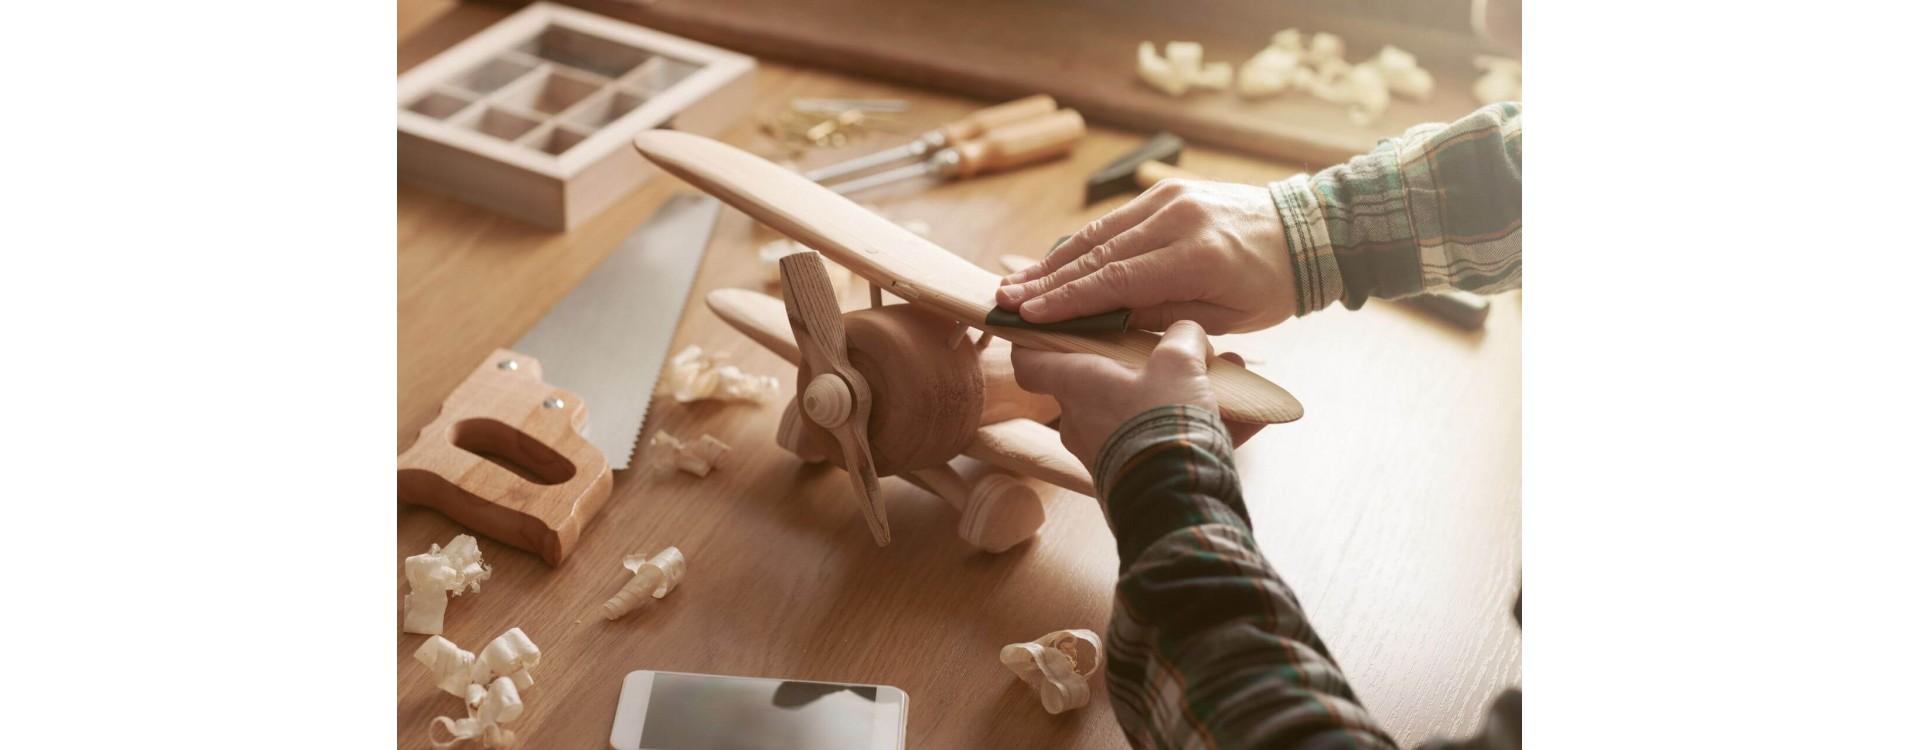 Come Costruire Sportelli In Legno quale tipo di legno usare per il fai-da-te - a proposito di